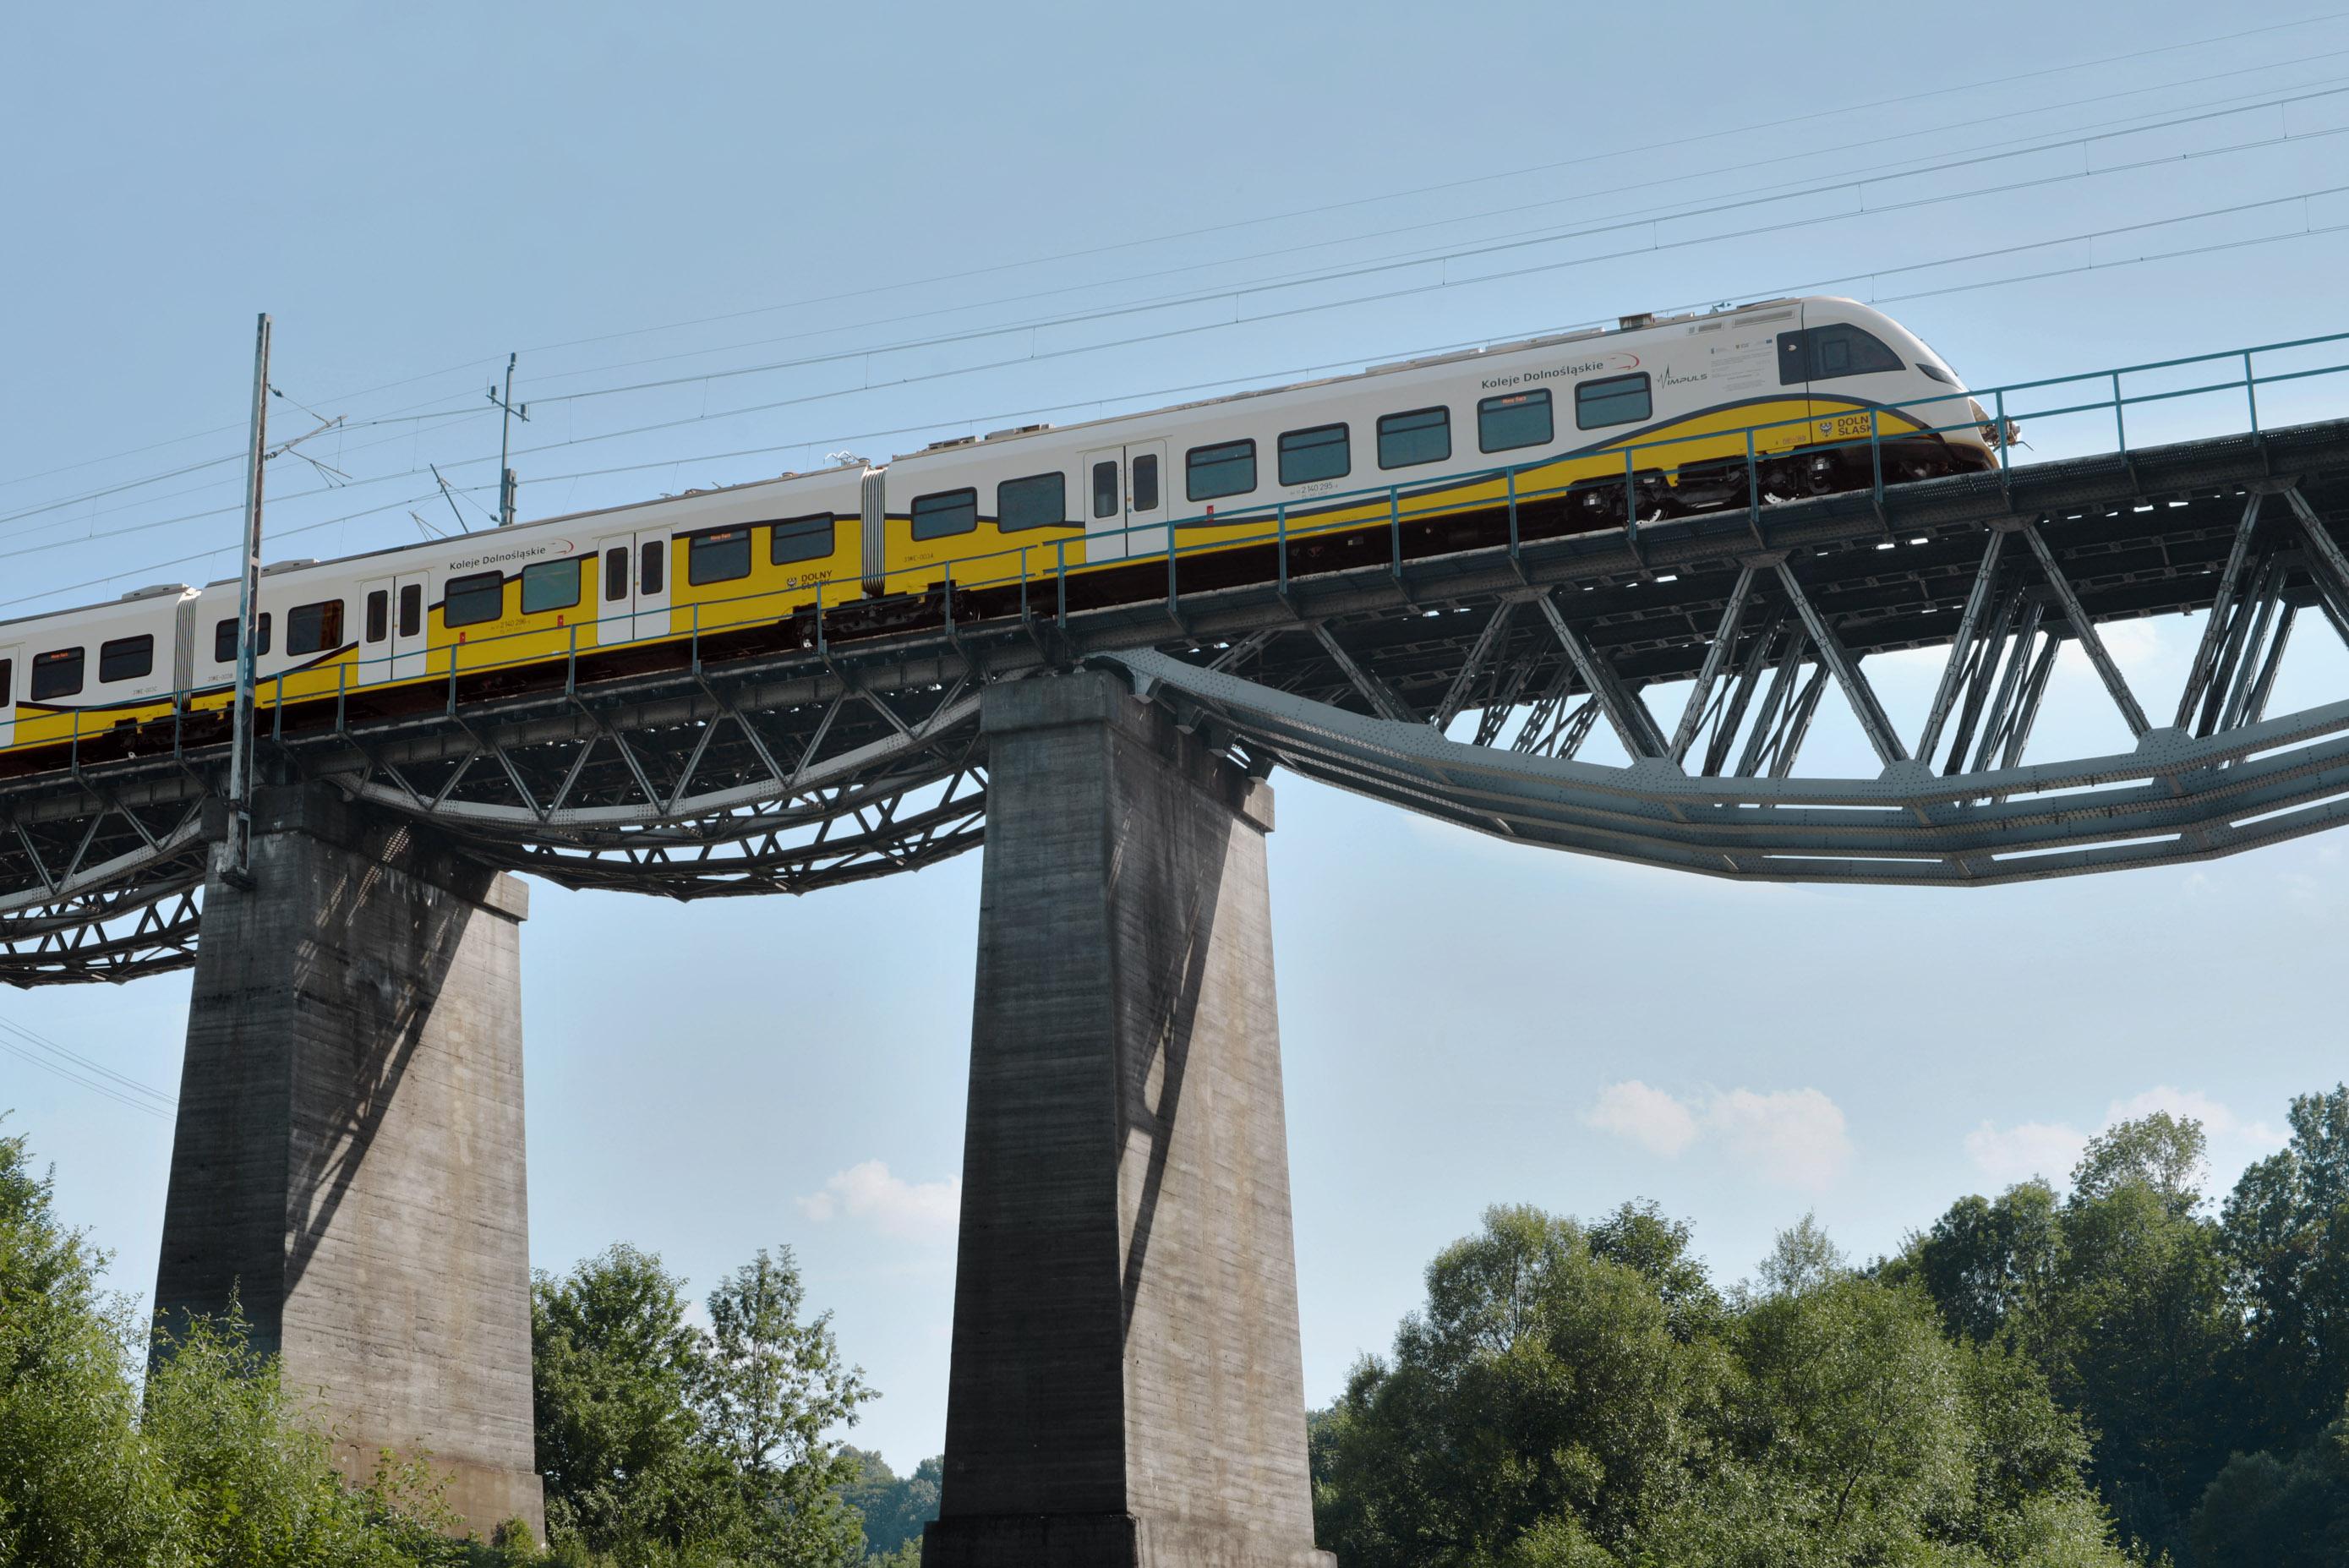 Pociągi Kolei Dolnośląskich są biało - żółto - czarne z charakterystyczną falą. Linie kolejowe Dolnośląskiego są najpiękniejsze w Polsce, fot. NEWAG